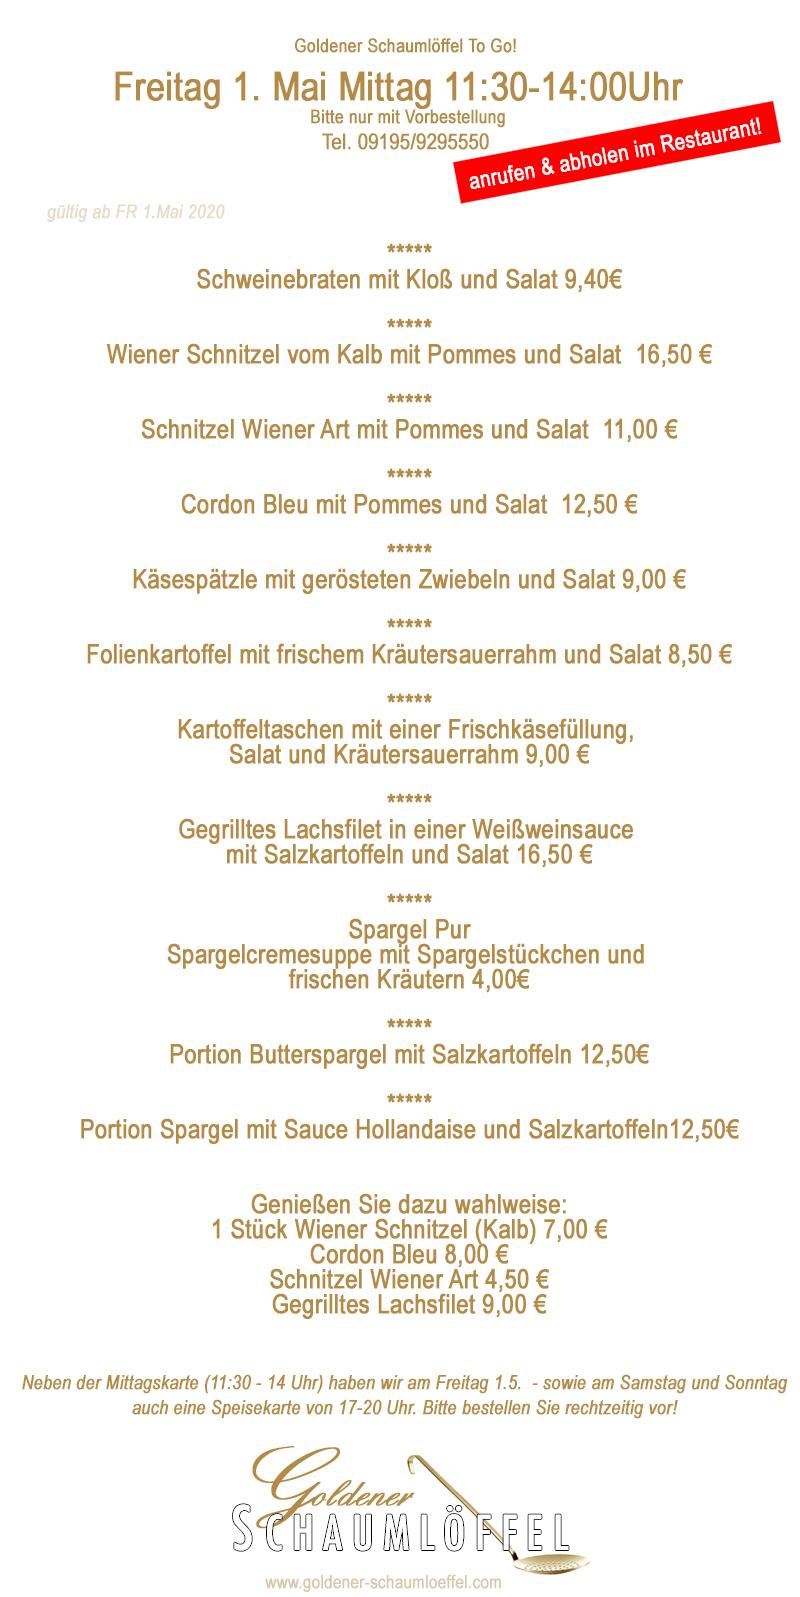 Wir tanzen in der #Küche in den #Mai :-)  #supportyourlocal #goldenerschaumloeffel #röttenbach #essenholen #essenabholen #restaurant #fränkischeküche #lokalzeit #restaurantslokal #gastro #gastrounterstützen #leckeressen  Goldener Schaumlöffel To Go  Wir bitten um Vorbestellung! Tel. 09195/9295550  unsere #Menues für den #Maiauftakt (Freitag 1.5.) 11:30 - 14 Uhr #Mittagstisch  #Schweinebraten mit Kloß und Salat 9,40€ ***** Wiener #Schnitzel vom Kalb mit #Pommes und Salat 16,50 € ***** Schnitzel Wiener Art mit Pommes und #Salat 11,00 € ***** Cordon Bleu mit Pommes und Salat 12,50 € ***** #Käsespätzle mit gerösteten #Zwiebeln und Salat 9,00 € ***** #Folienkartoffel mit frischem #Kräutersauerrahm und Salat 8,50 € ***** #Kartoffeltaschen mit einer #Frischkäsefüllung,  Salat und #Kräutersauerrahm 9,00 € ***** Gegrilltes #Lachsfilet in einer #Weißweinsauce  mit Salzkartoffeln und Salat 16,50 € ***** #Spargel Pur Spargelcremesuppe mit #Spargelstückchen und  frischen #Kräutern 4,00€ ***** Portion #Butterspargel mit Salzkartoffeln 12,50€ ***** Portion Spargel mit Sauce #Hollandaise und Salzkartoffeln 12,50€  Genießen Sie dazu wahlweise 1 Stück Wiener Schnitzel (Kalb) 7,00 € Cordon Bleu 8,00 € Schnitzel Wiener Art 4,50 € Gegrilltes Lachsfilet 9,00 €